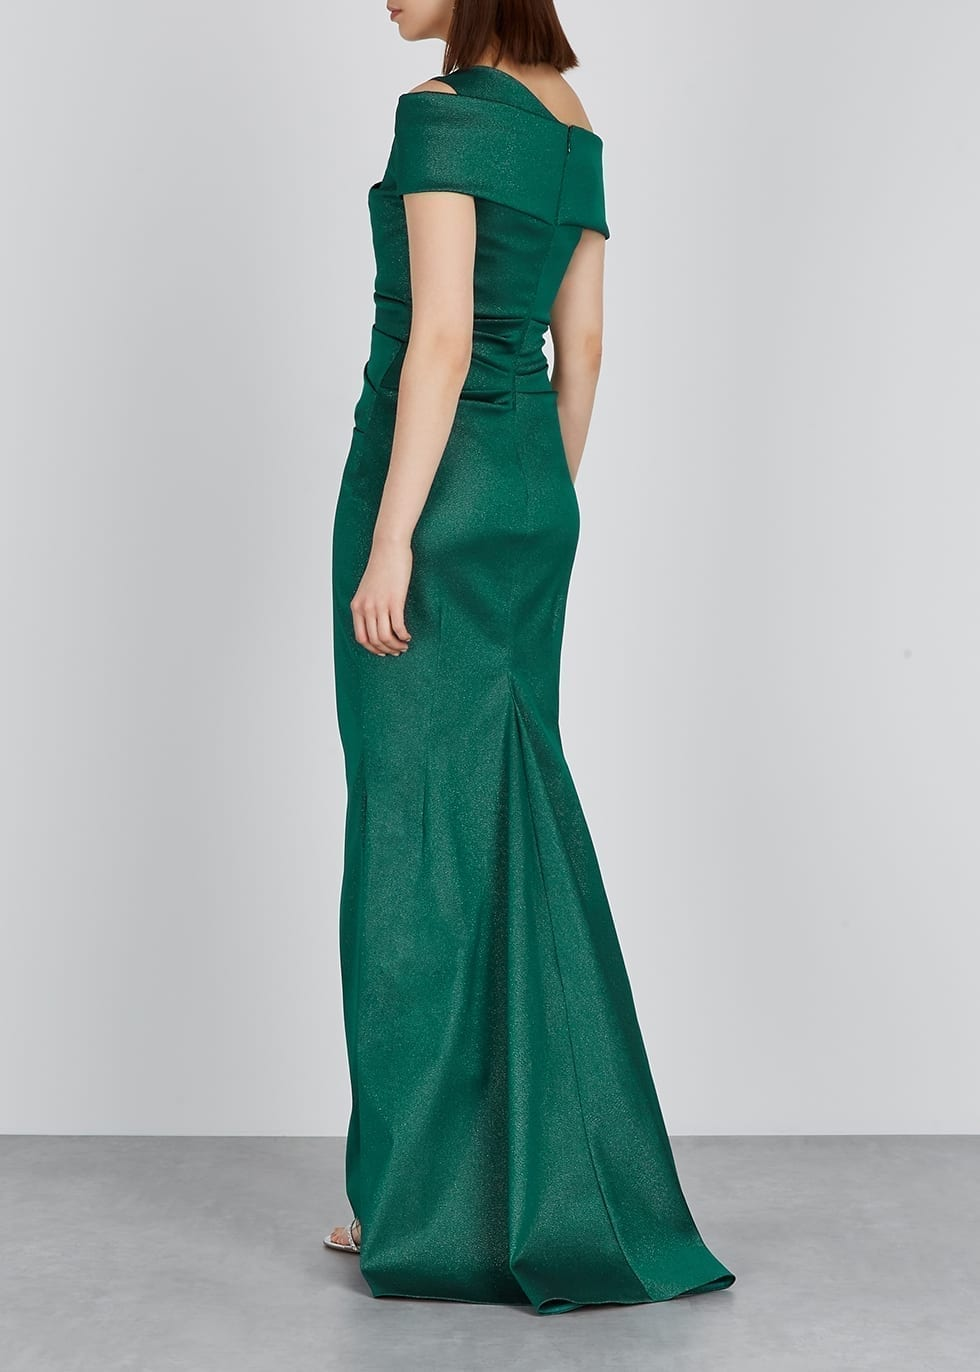 TALBOT RUNHOF Gazar Metallic-weave Ruched Gown